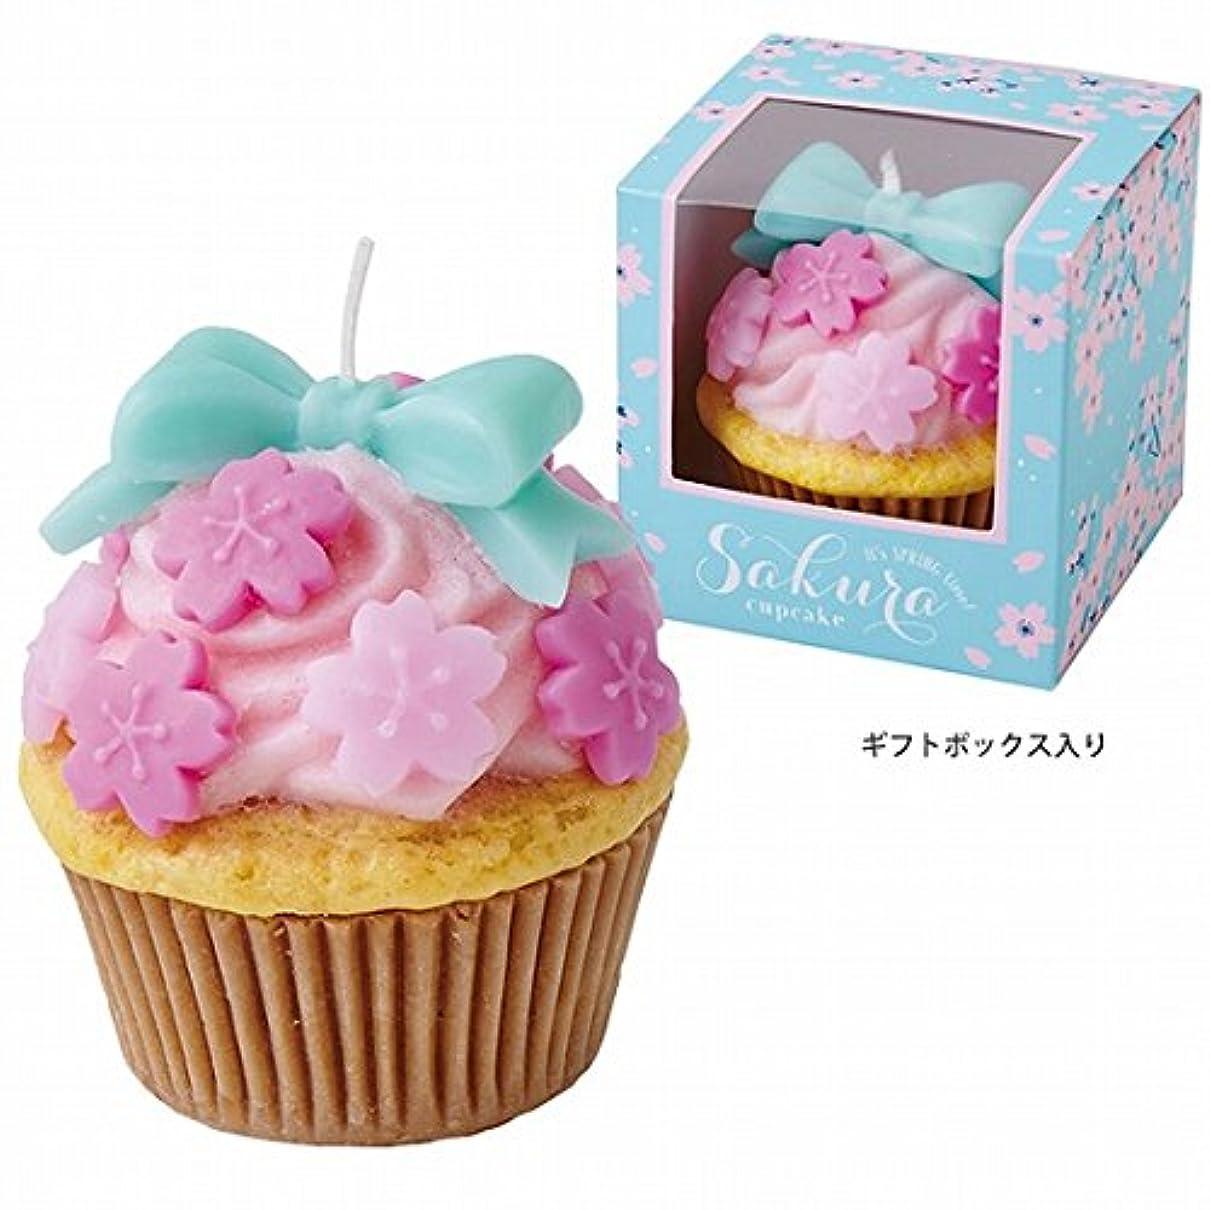 連続した自動車勝利カメヤマキャンドル( kameyama candle ) SAKURAカップケーキ キャンドル